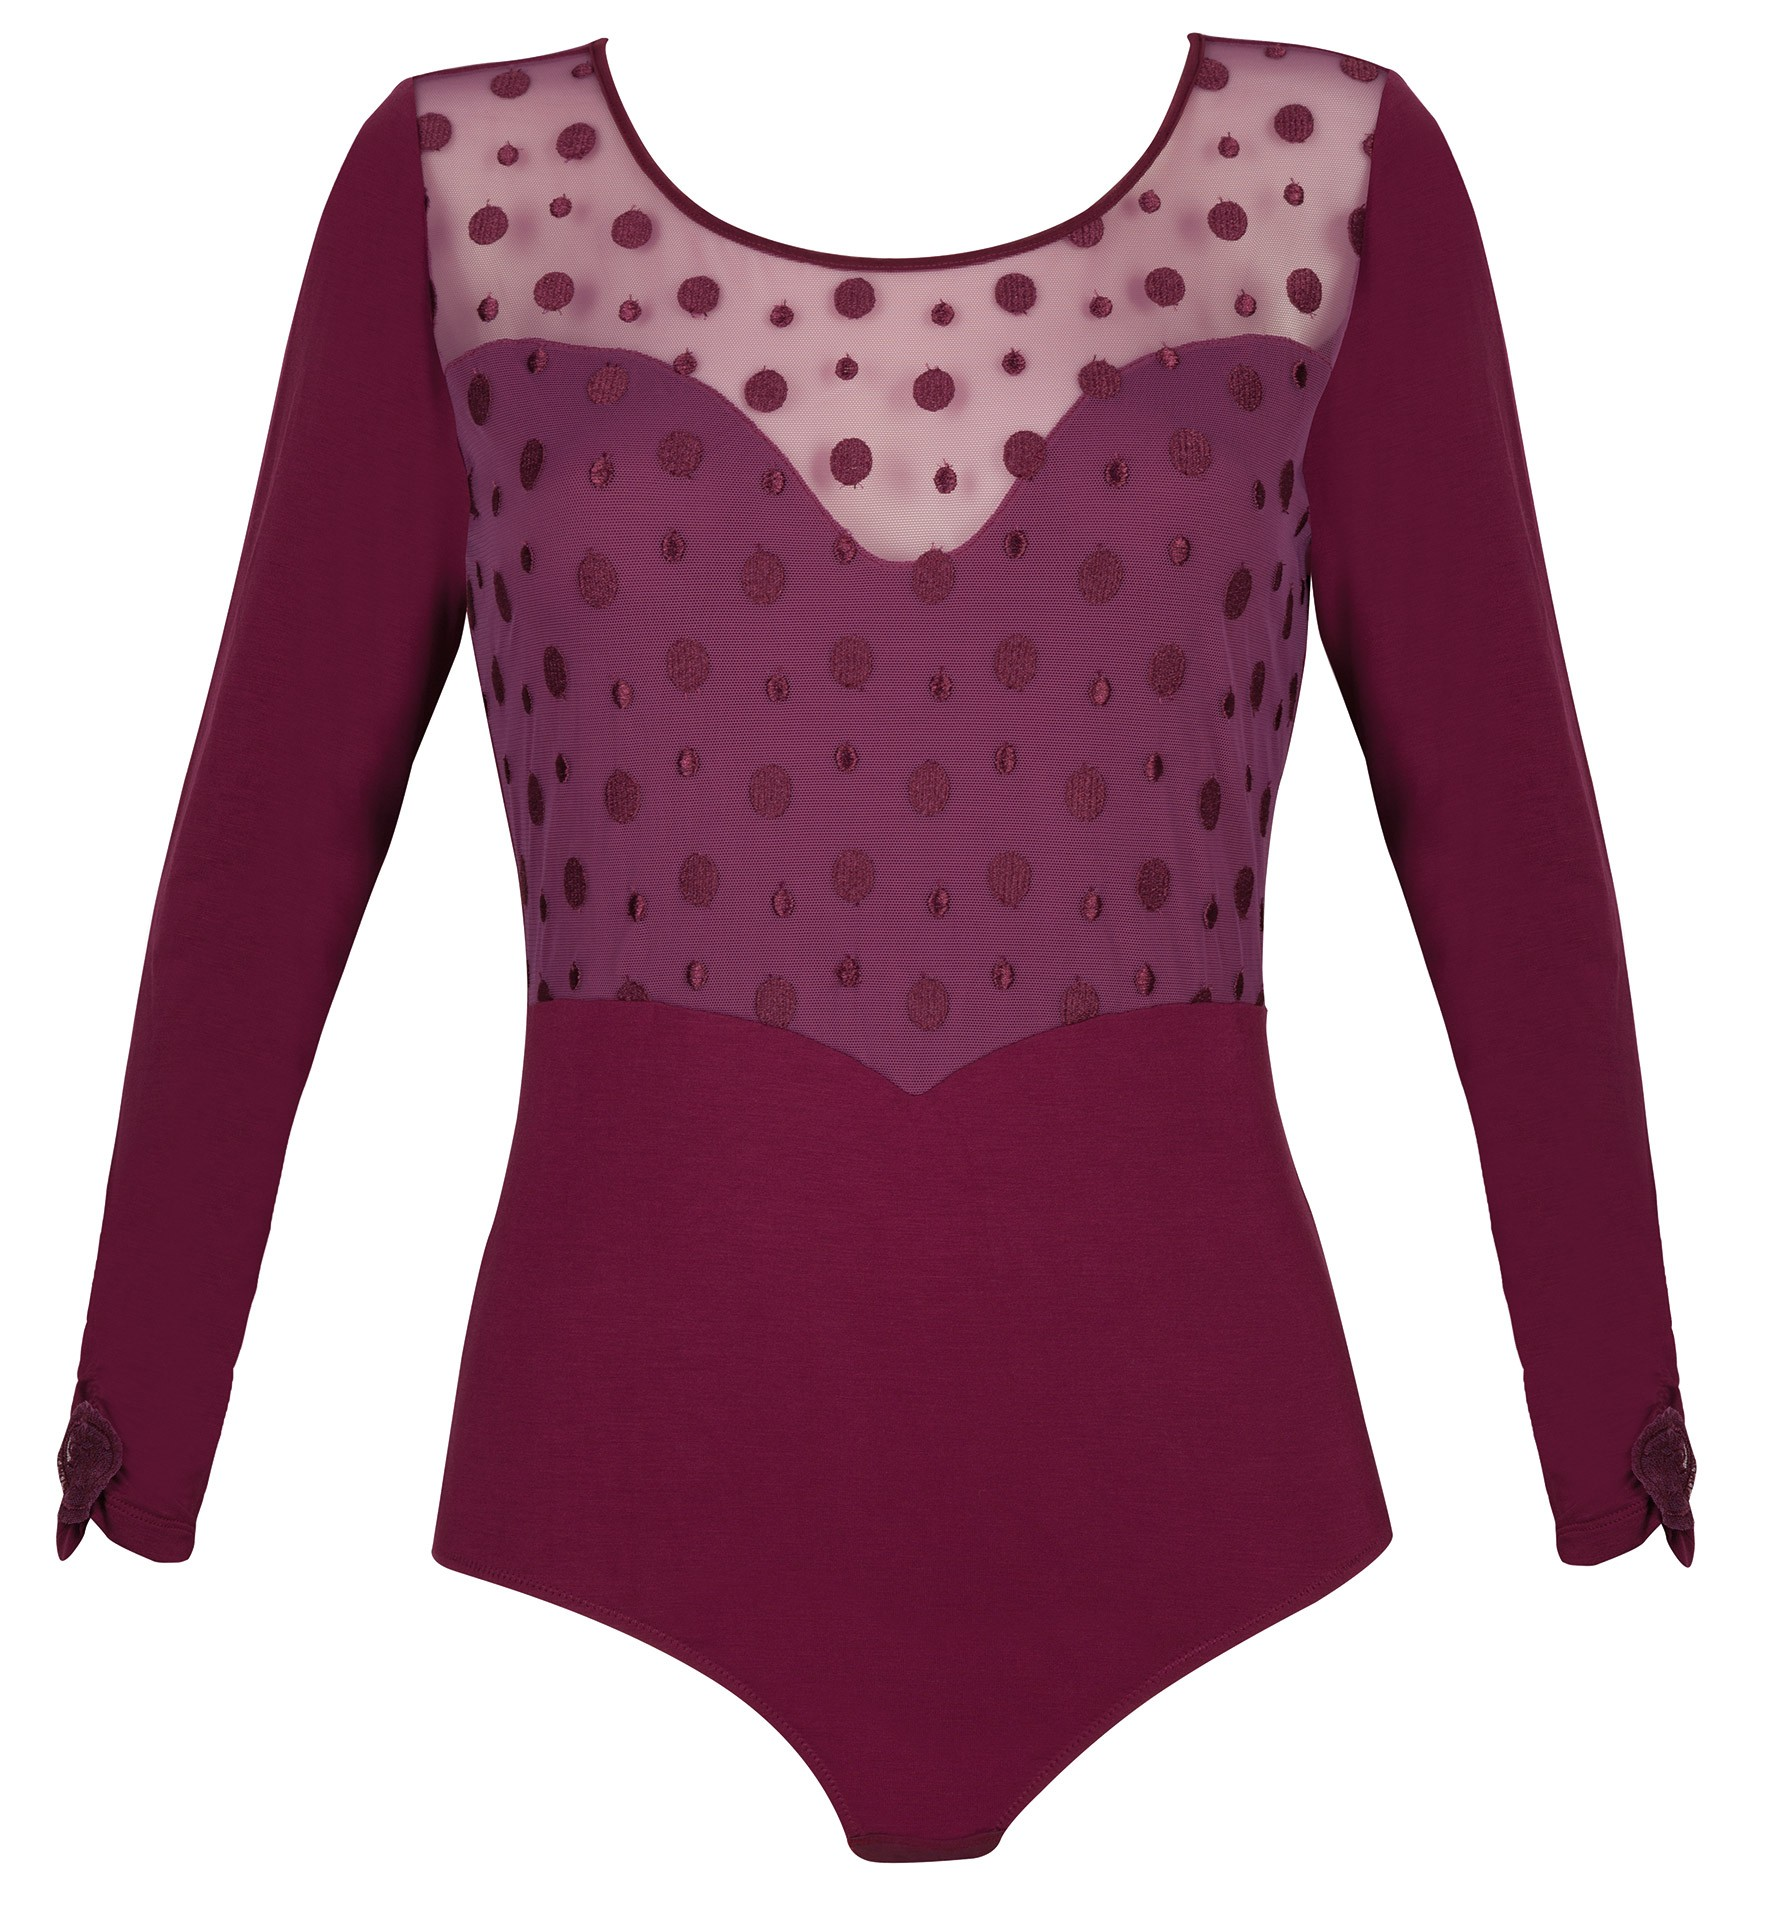 lisette-body-modal-83341